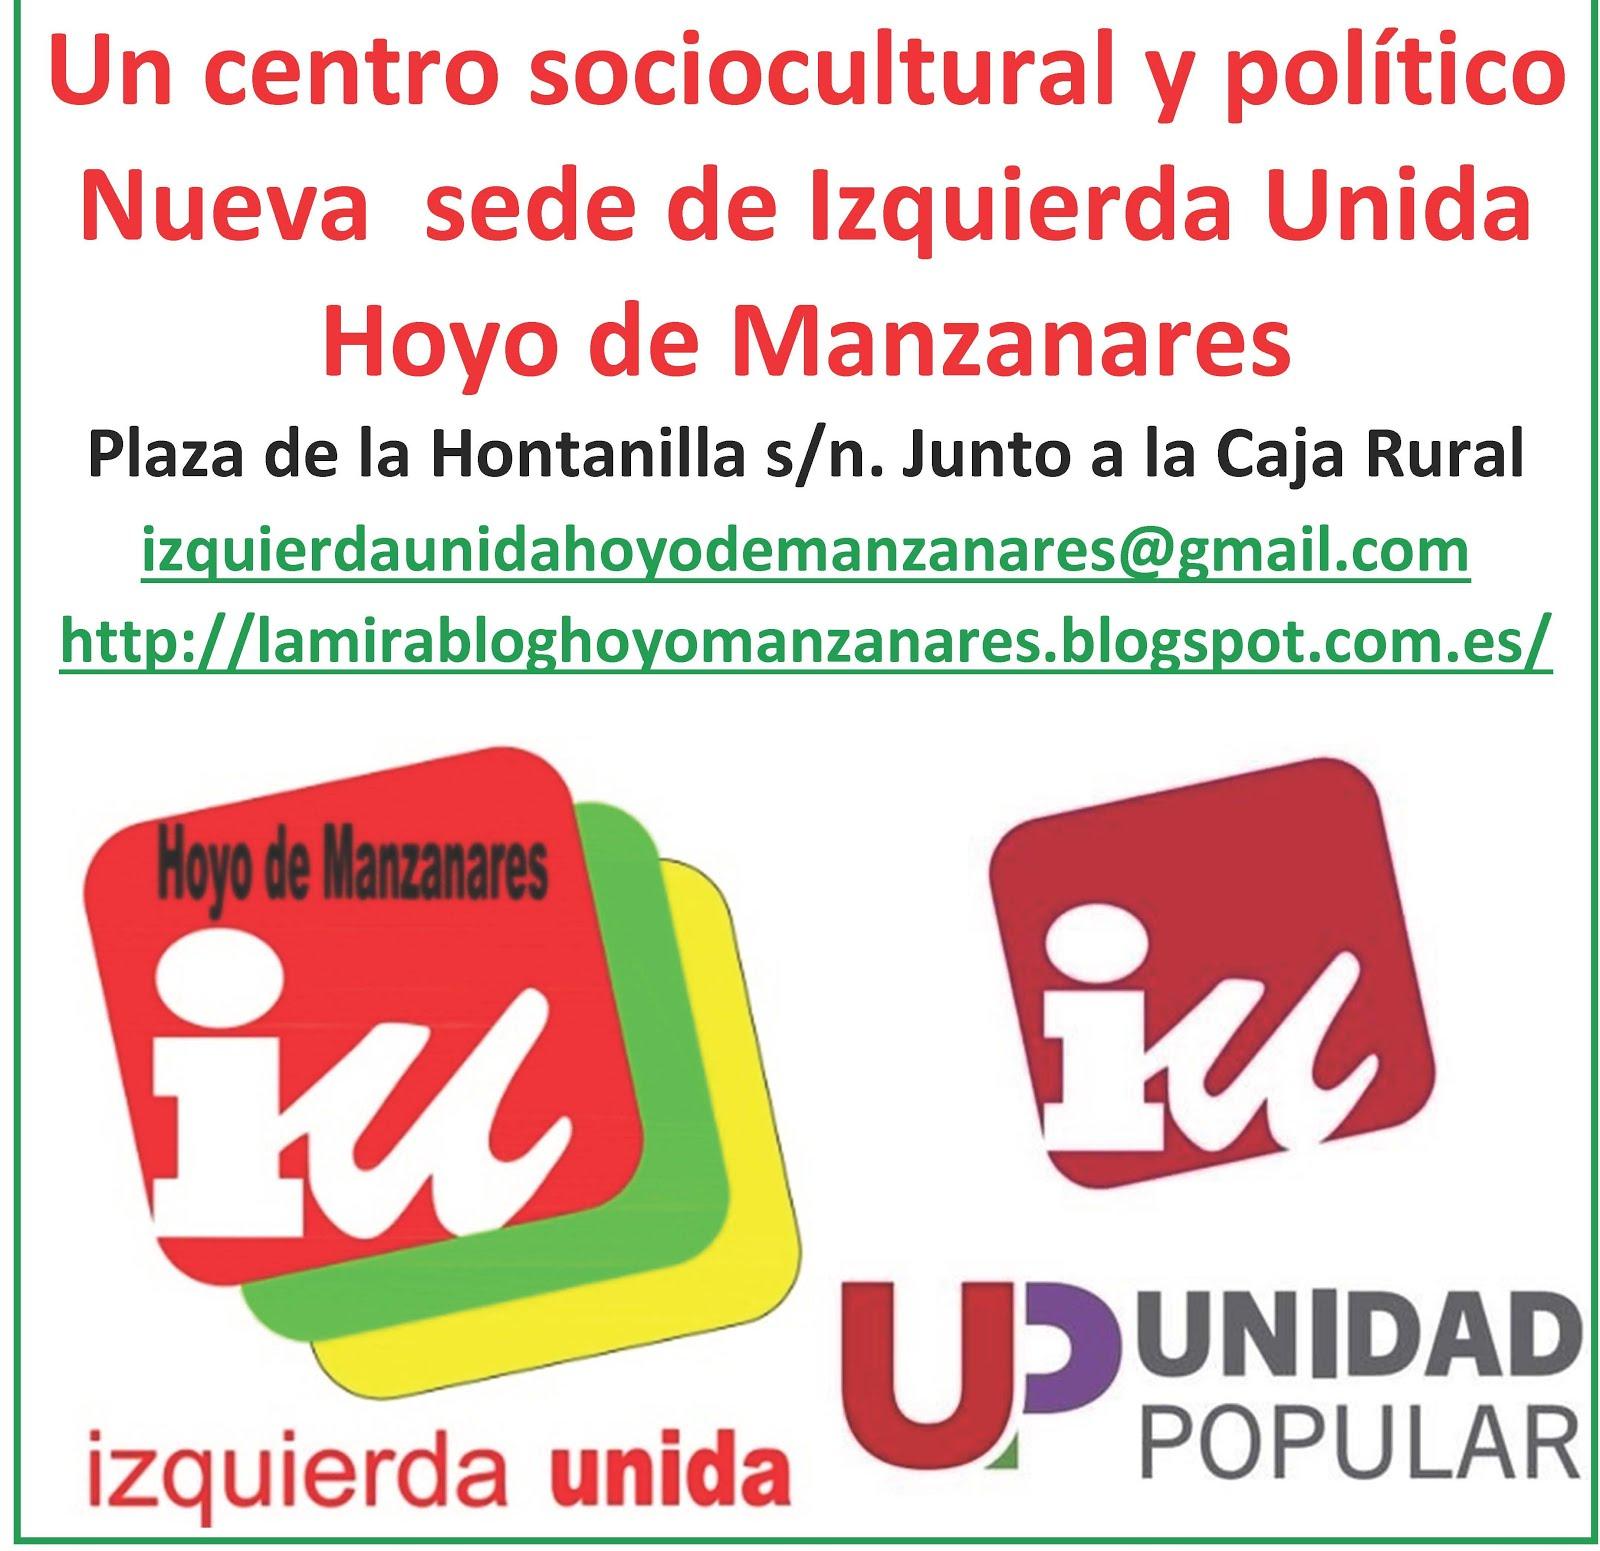 Abierto a todos los colectivos sociales de Hoyo de Manzanares